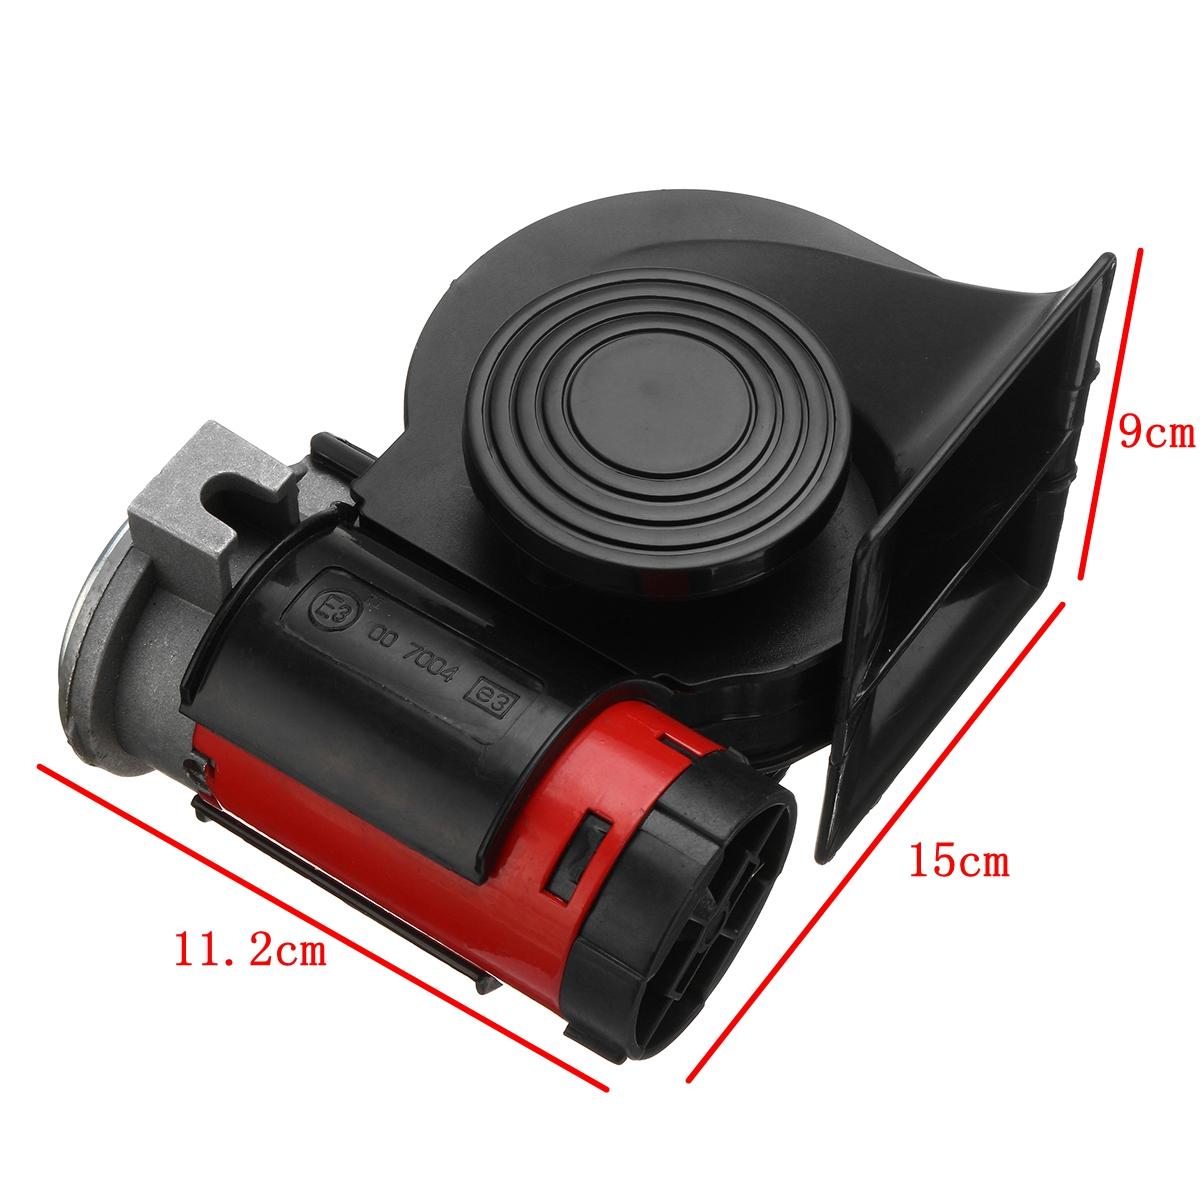 12v 139db Car Electric Air Horn Compact Dual Tone Pump Loud Train Two